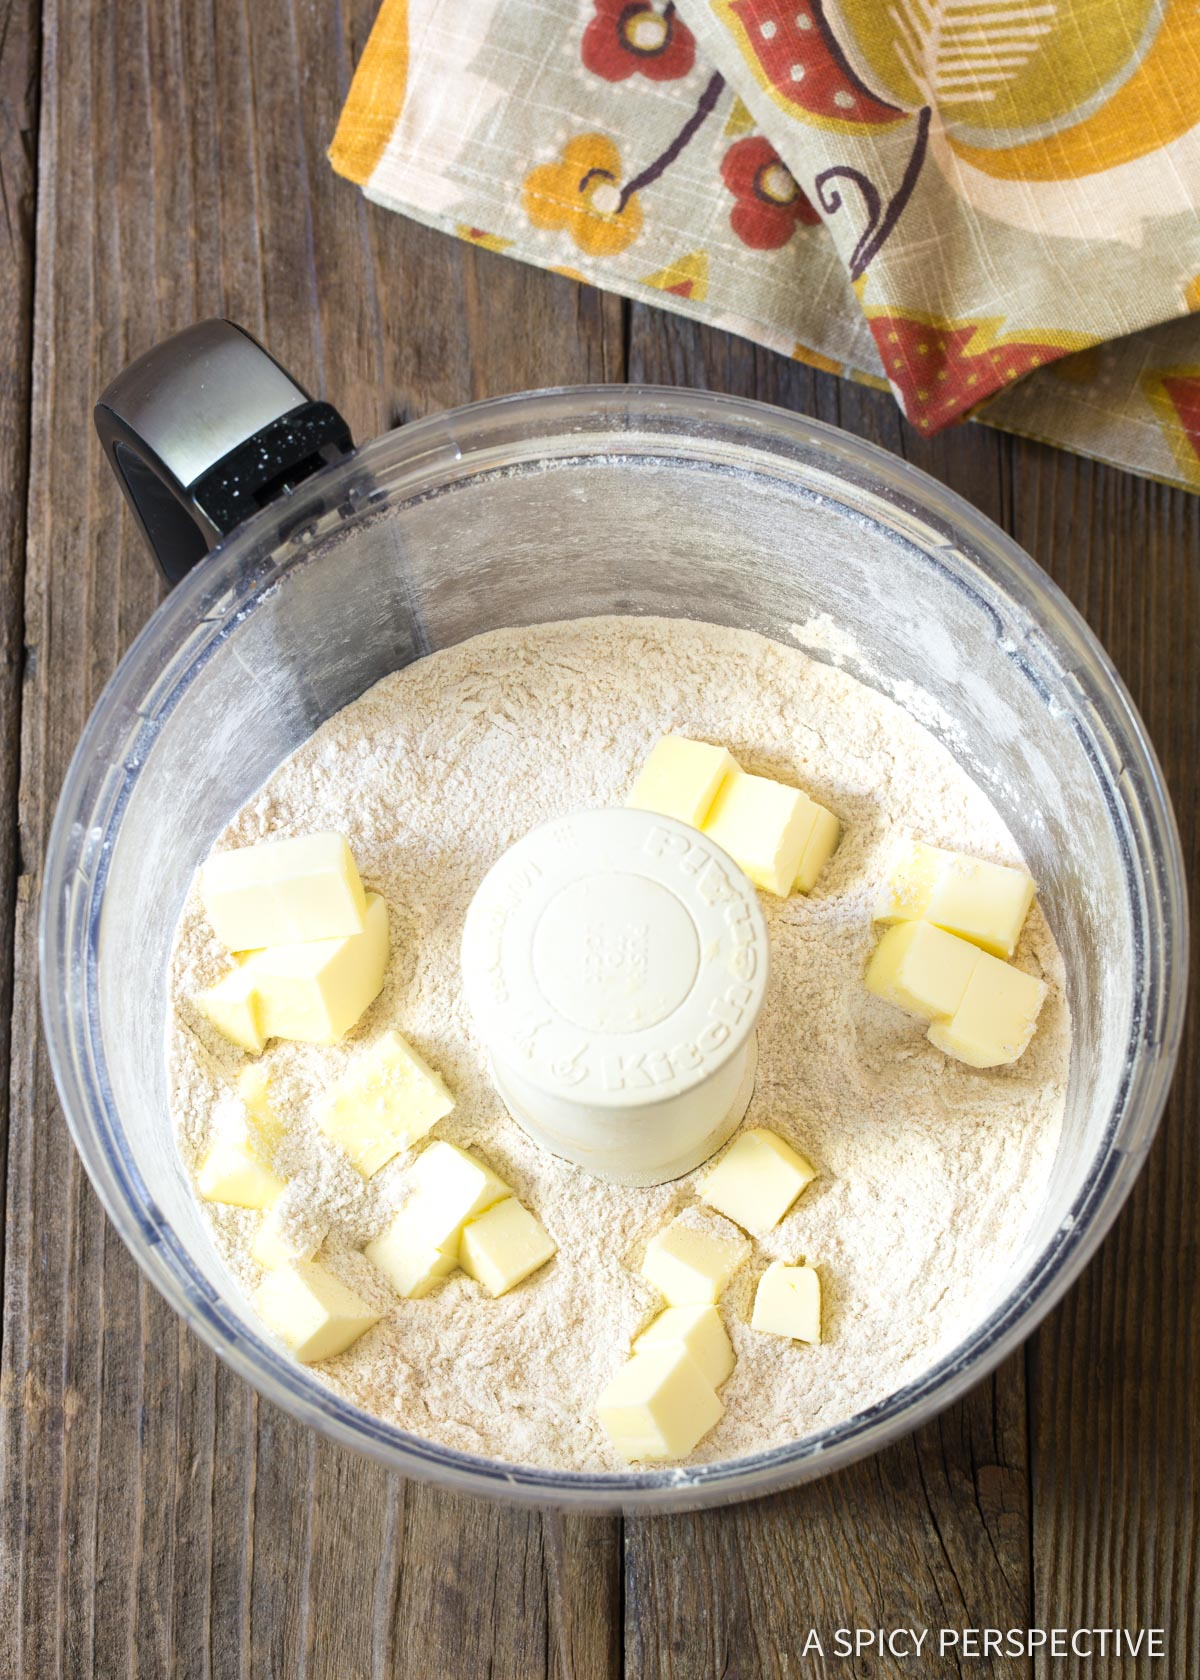 How To: Easy Cinnamon Drop Biscuits Recipe #ASpicyPerspective